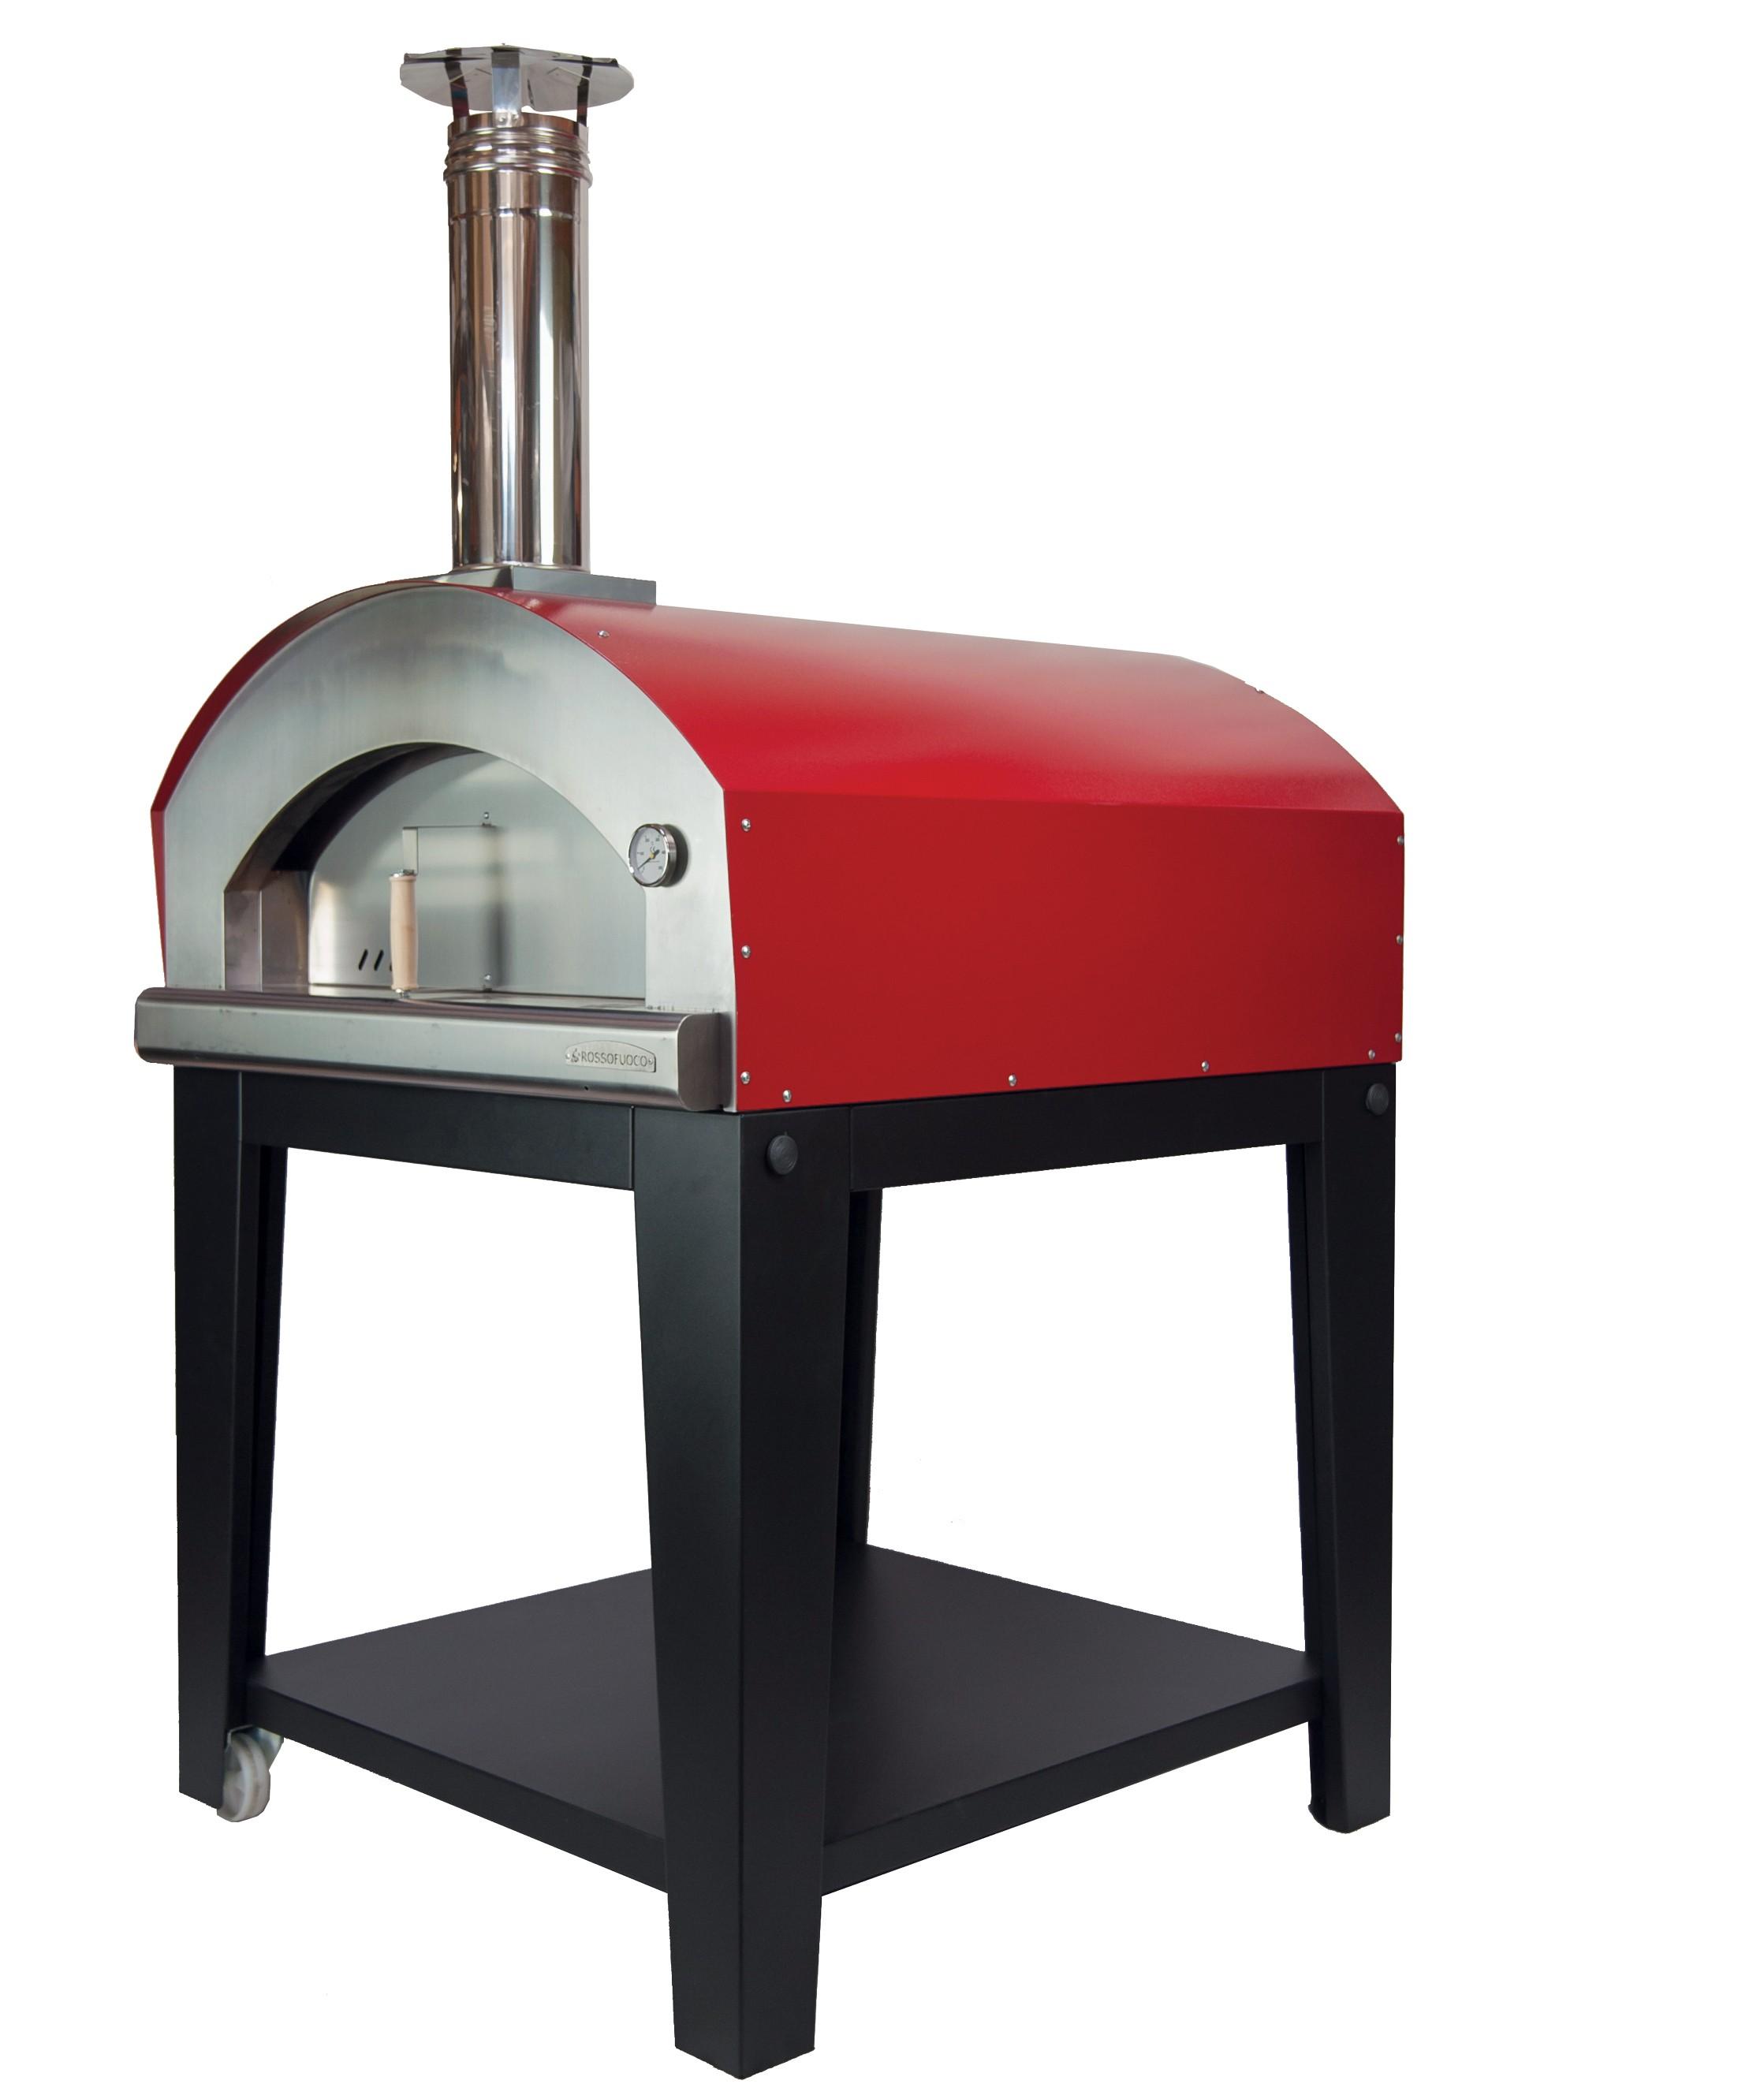 Thermomètre Four À Pain 500 four à pizza bois piu' trecento rossofuoco